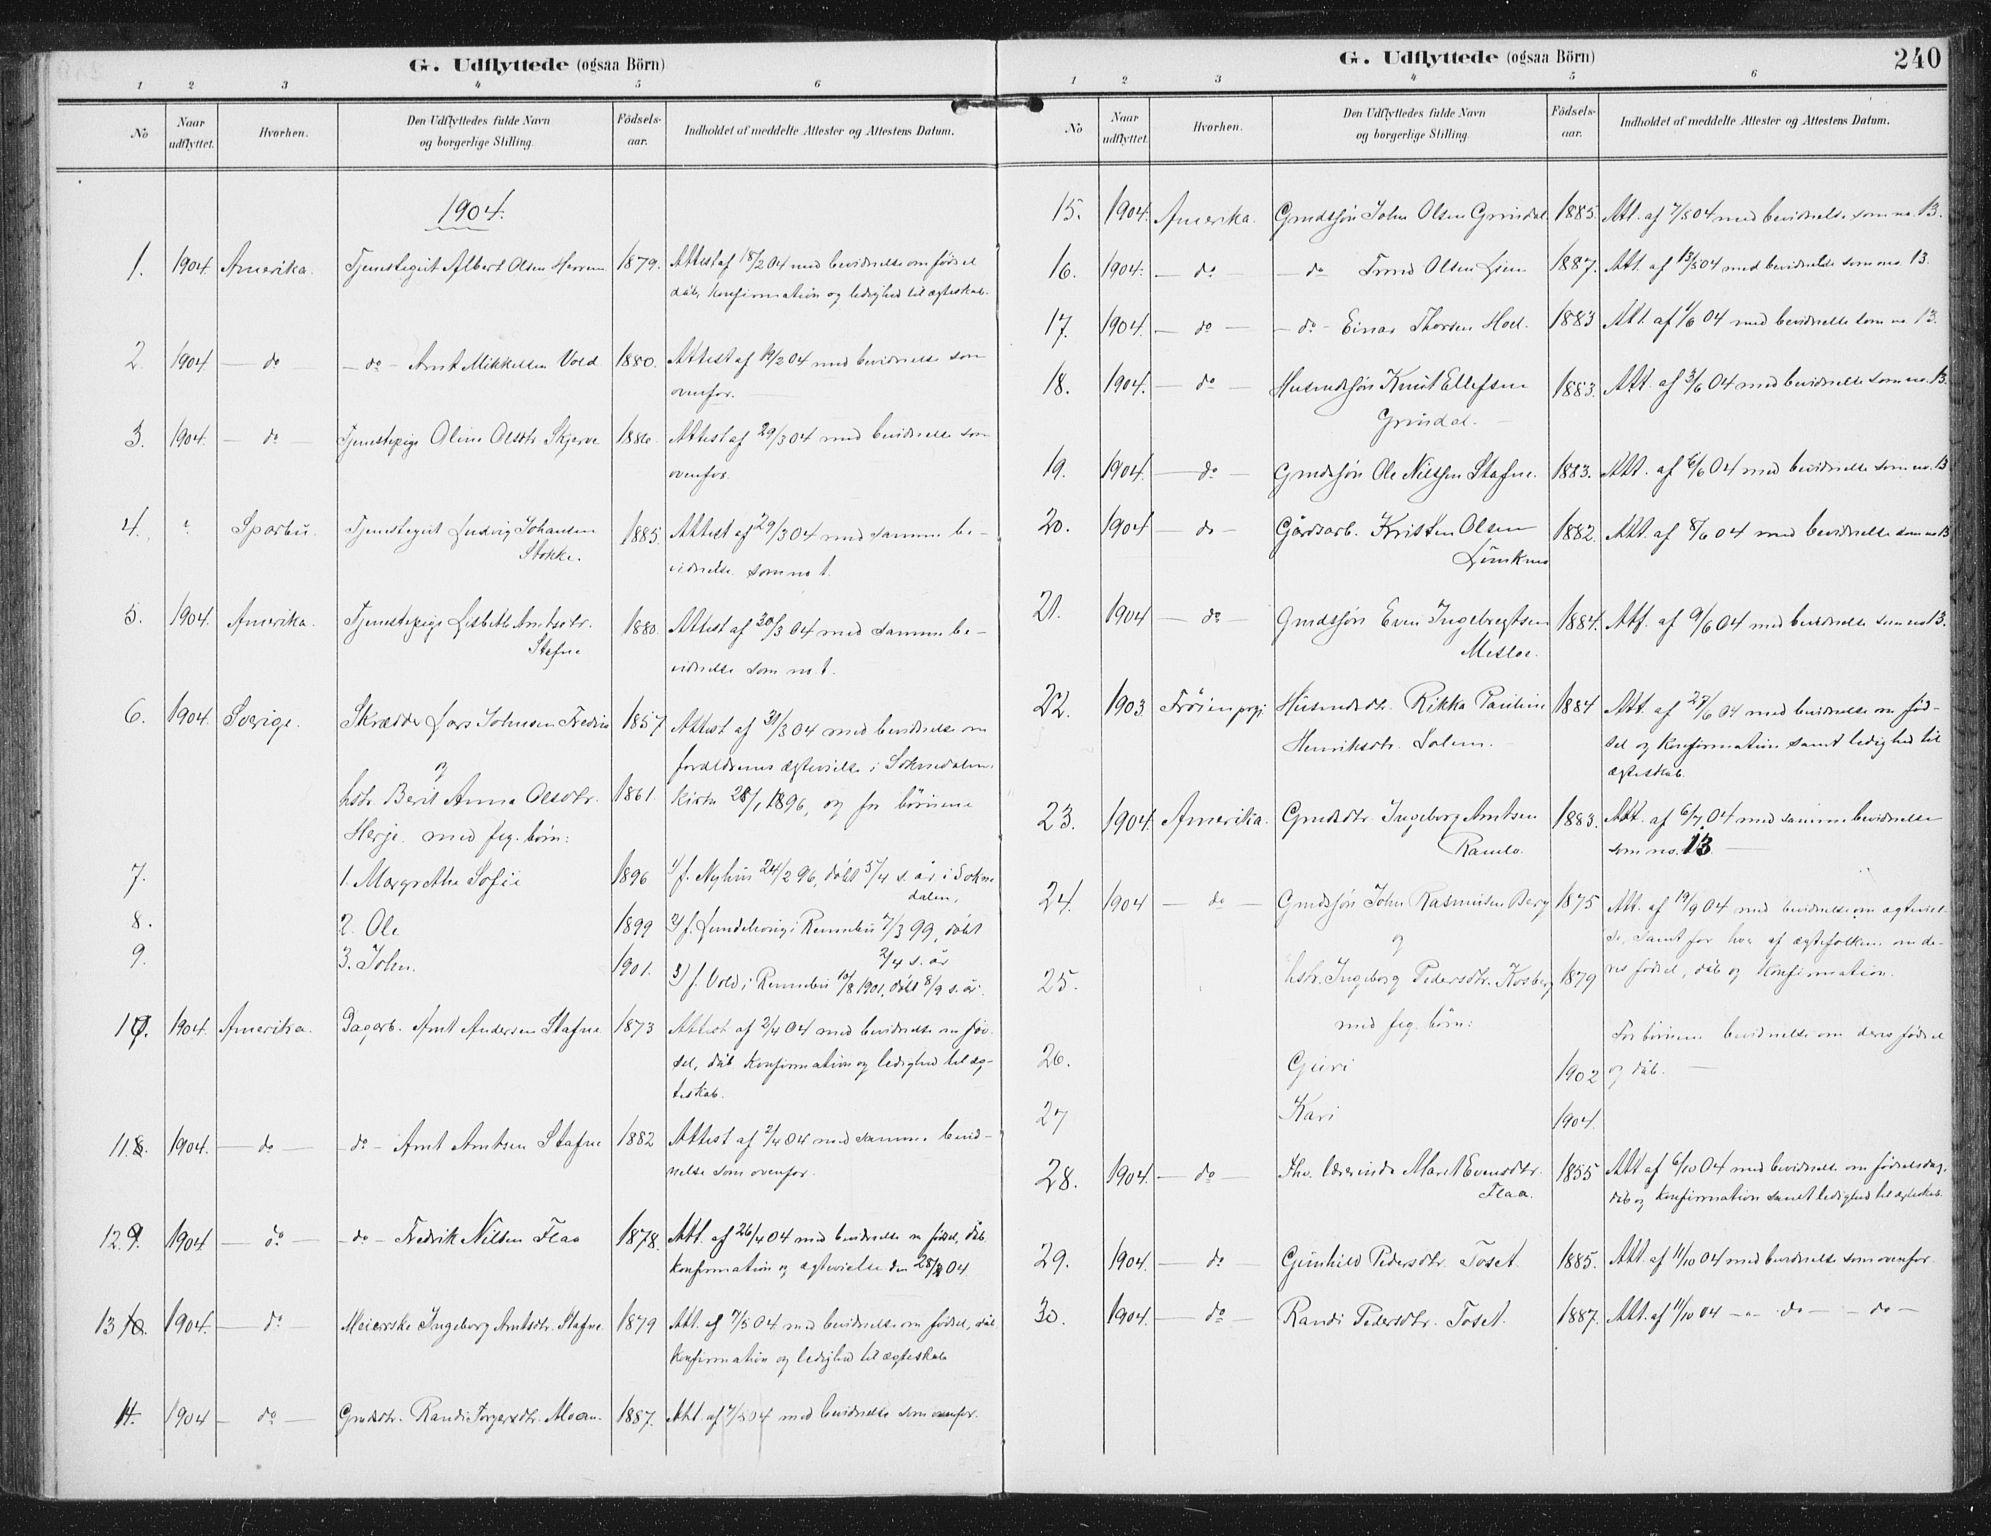 SAT, Ministerialprotokoller, klokkerbøker og fødselsregistre - Sør-Trøndelag, 674/L0872: Ministerialbok nr. 674A04, 1897-1907, s. 240